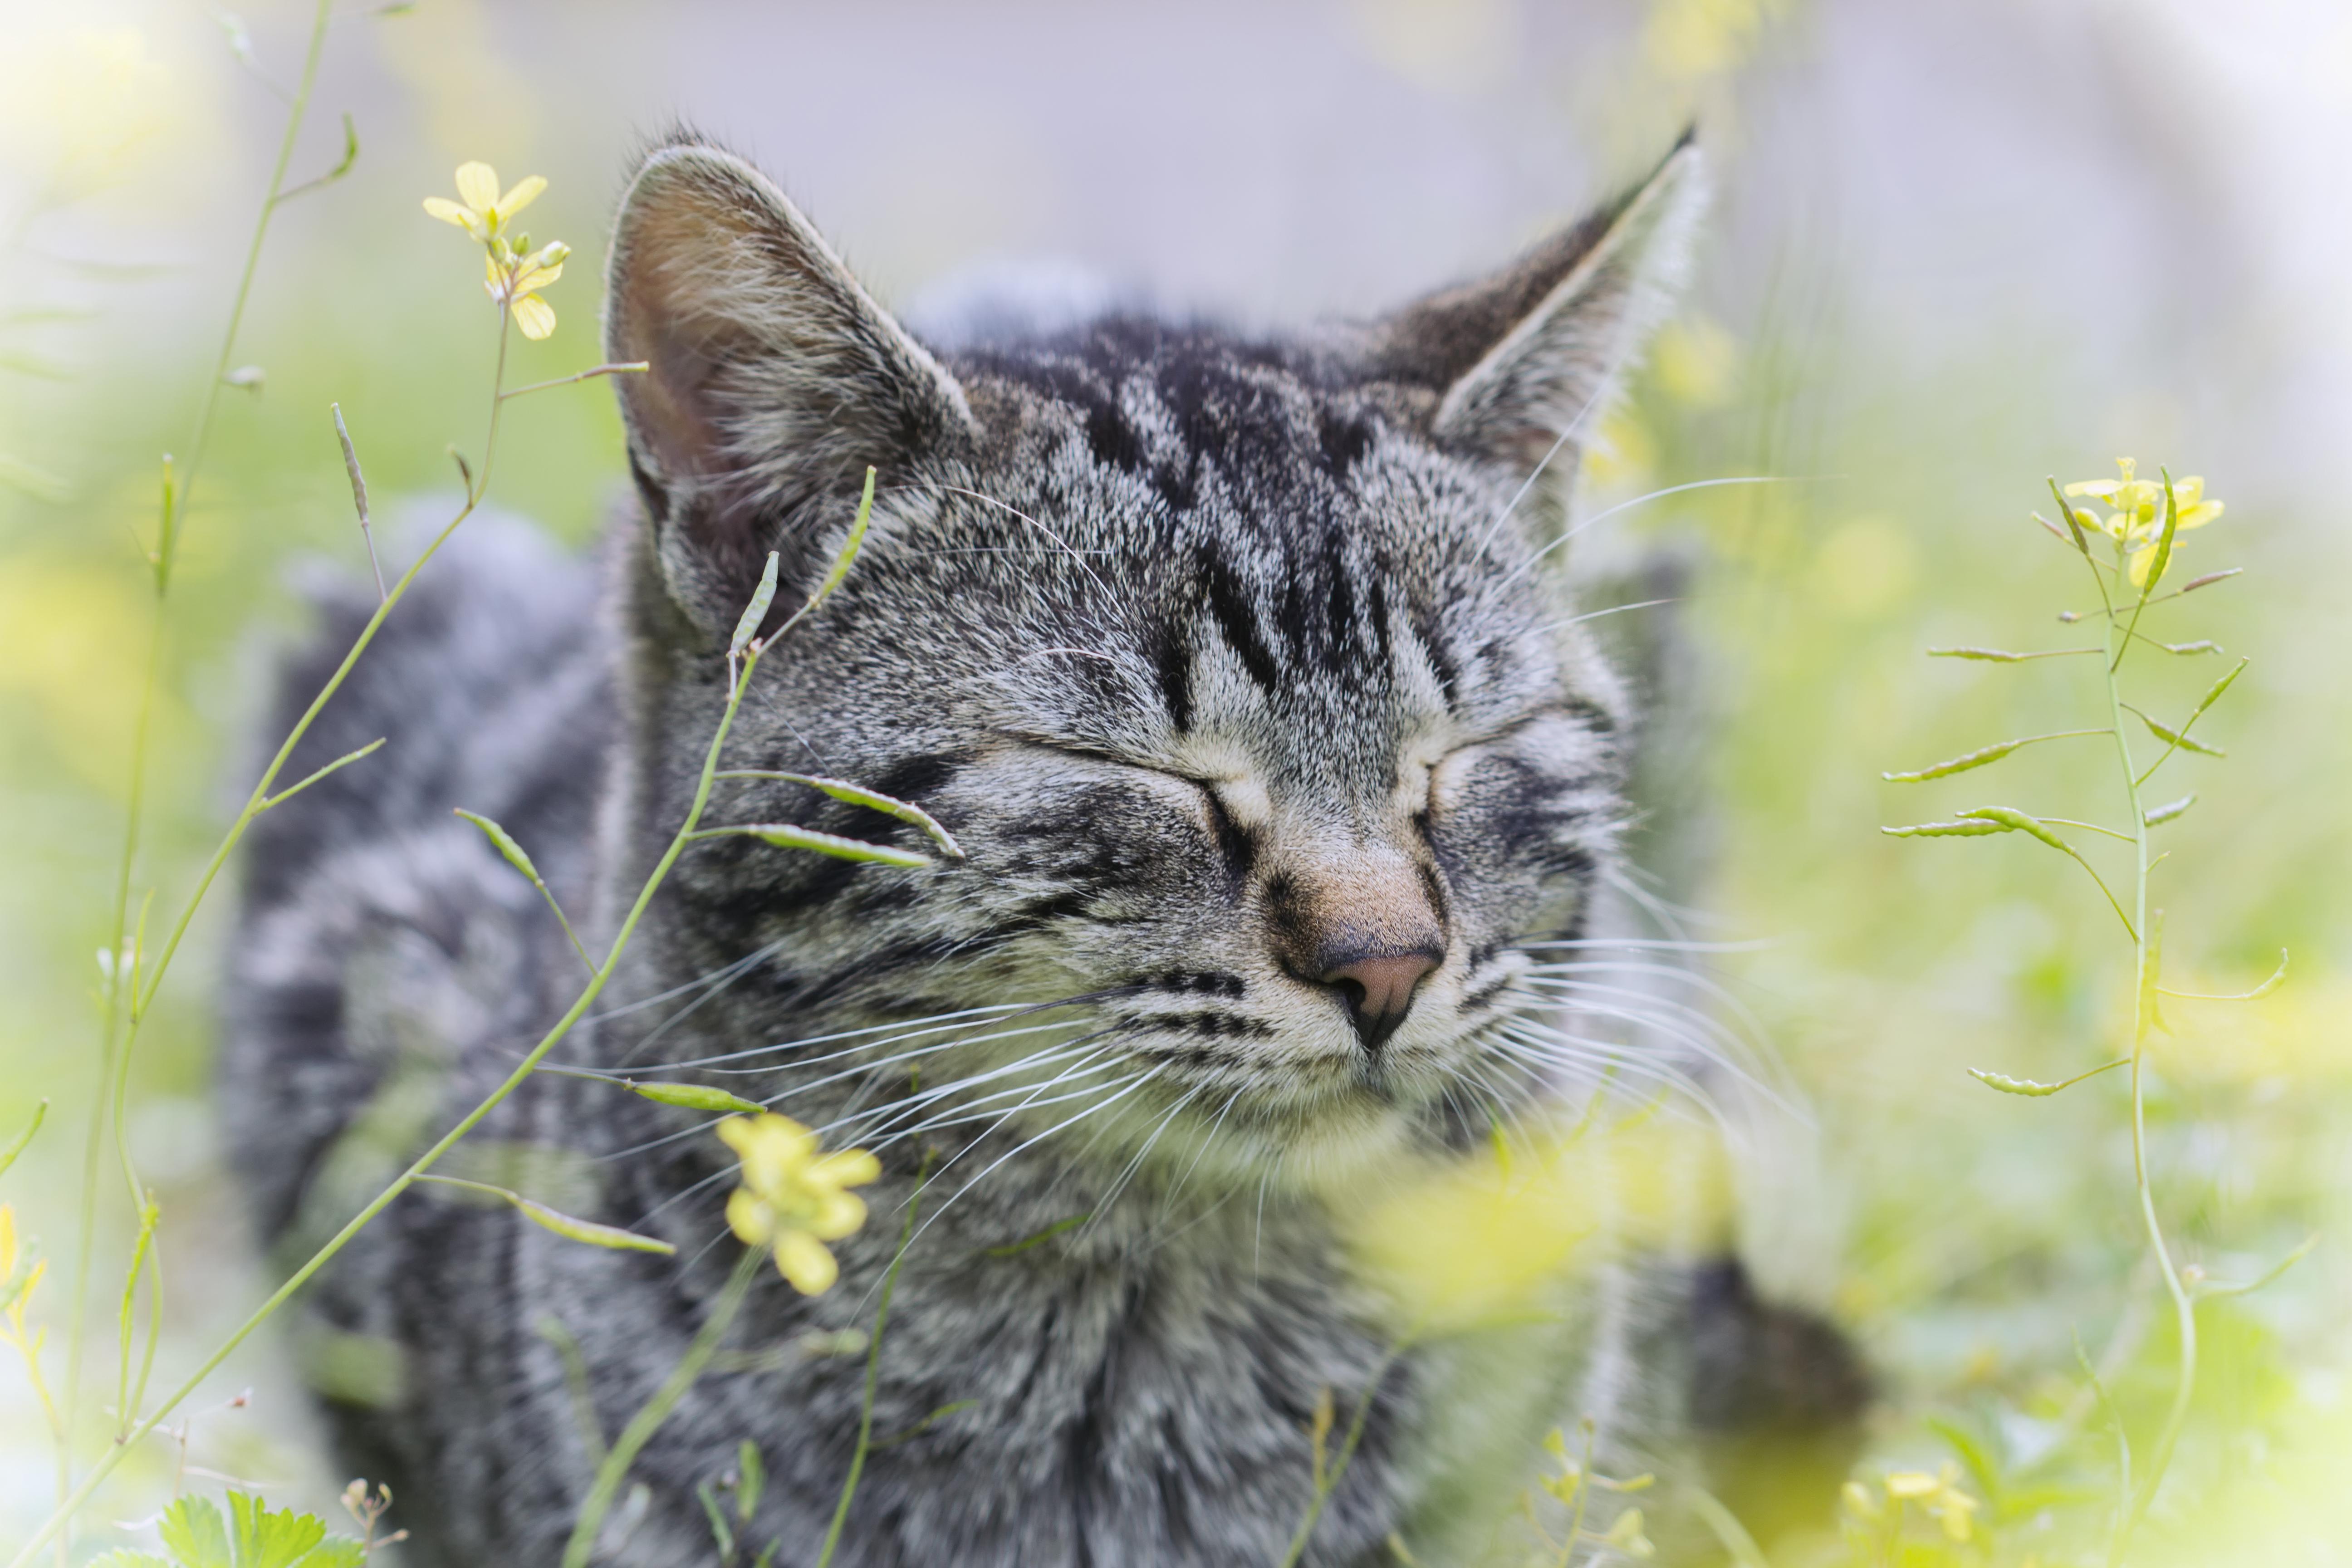 природа животные кот котенок серый журавлики nature animals cat kitten grey cranes  № 654704 бесплатно